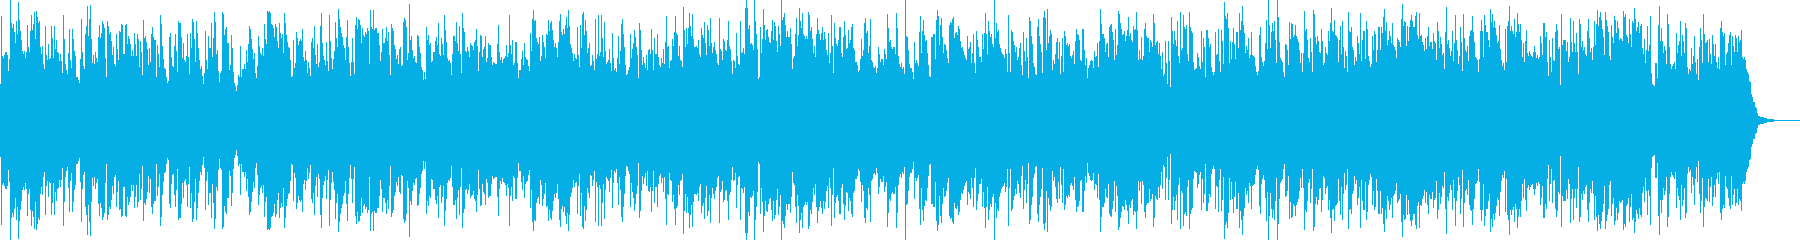 世の中がゆっくり再び動き出す時、バラードの再生済みの波形